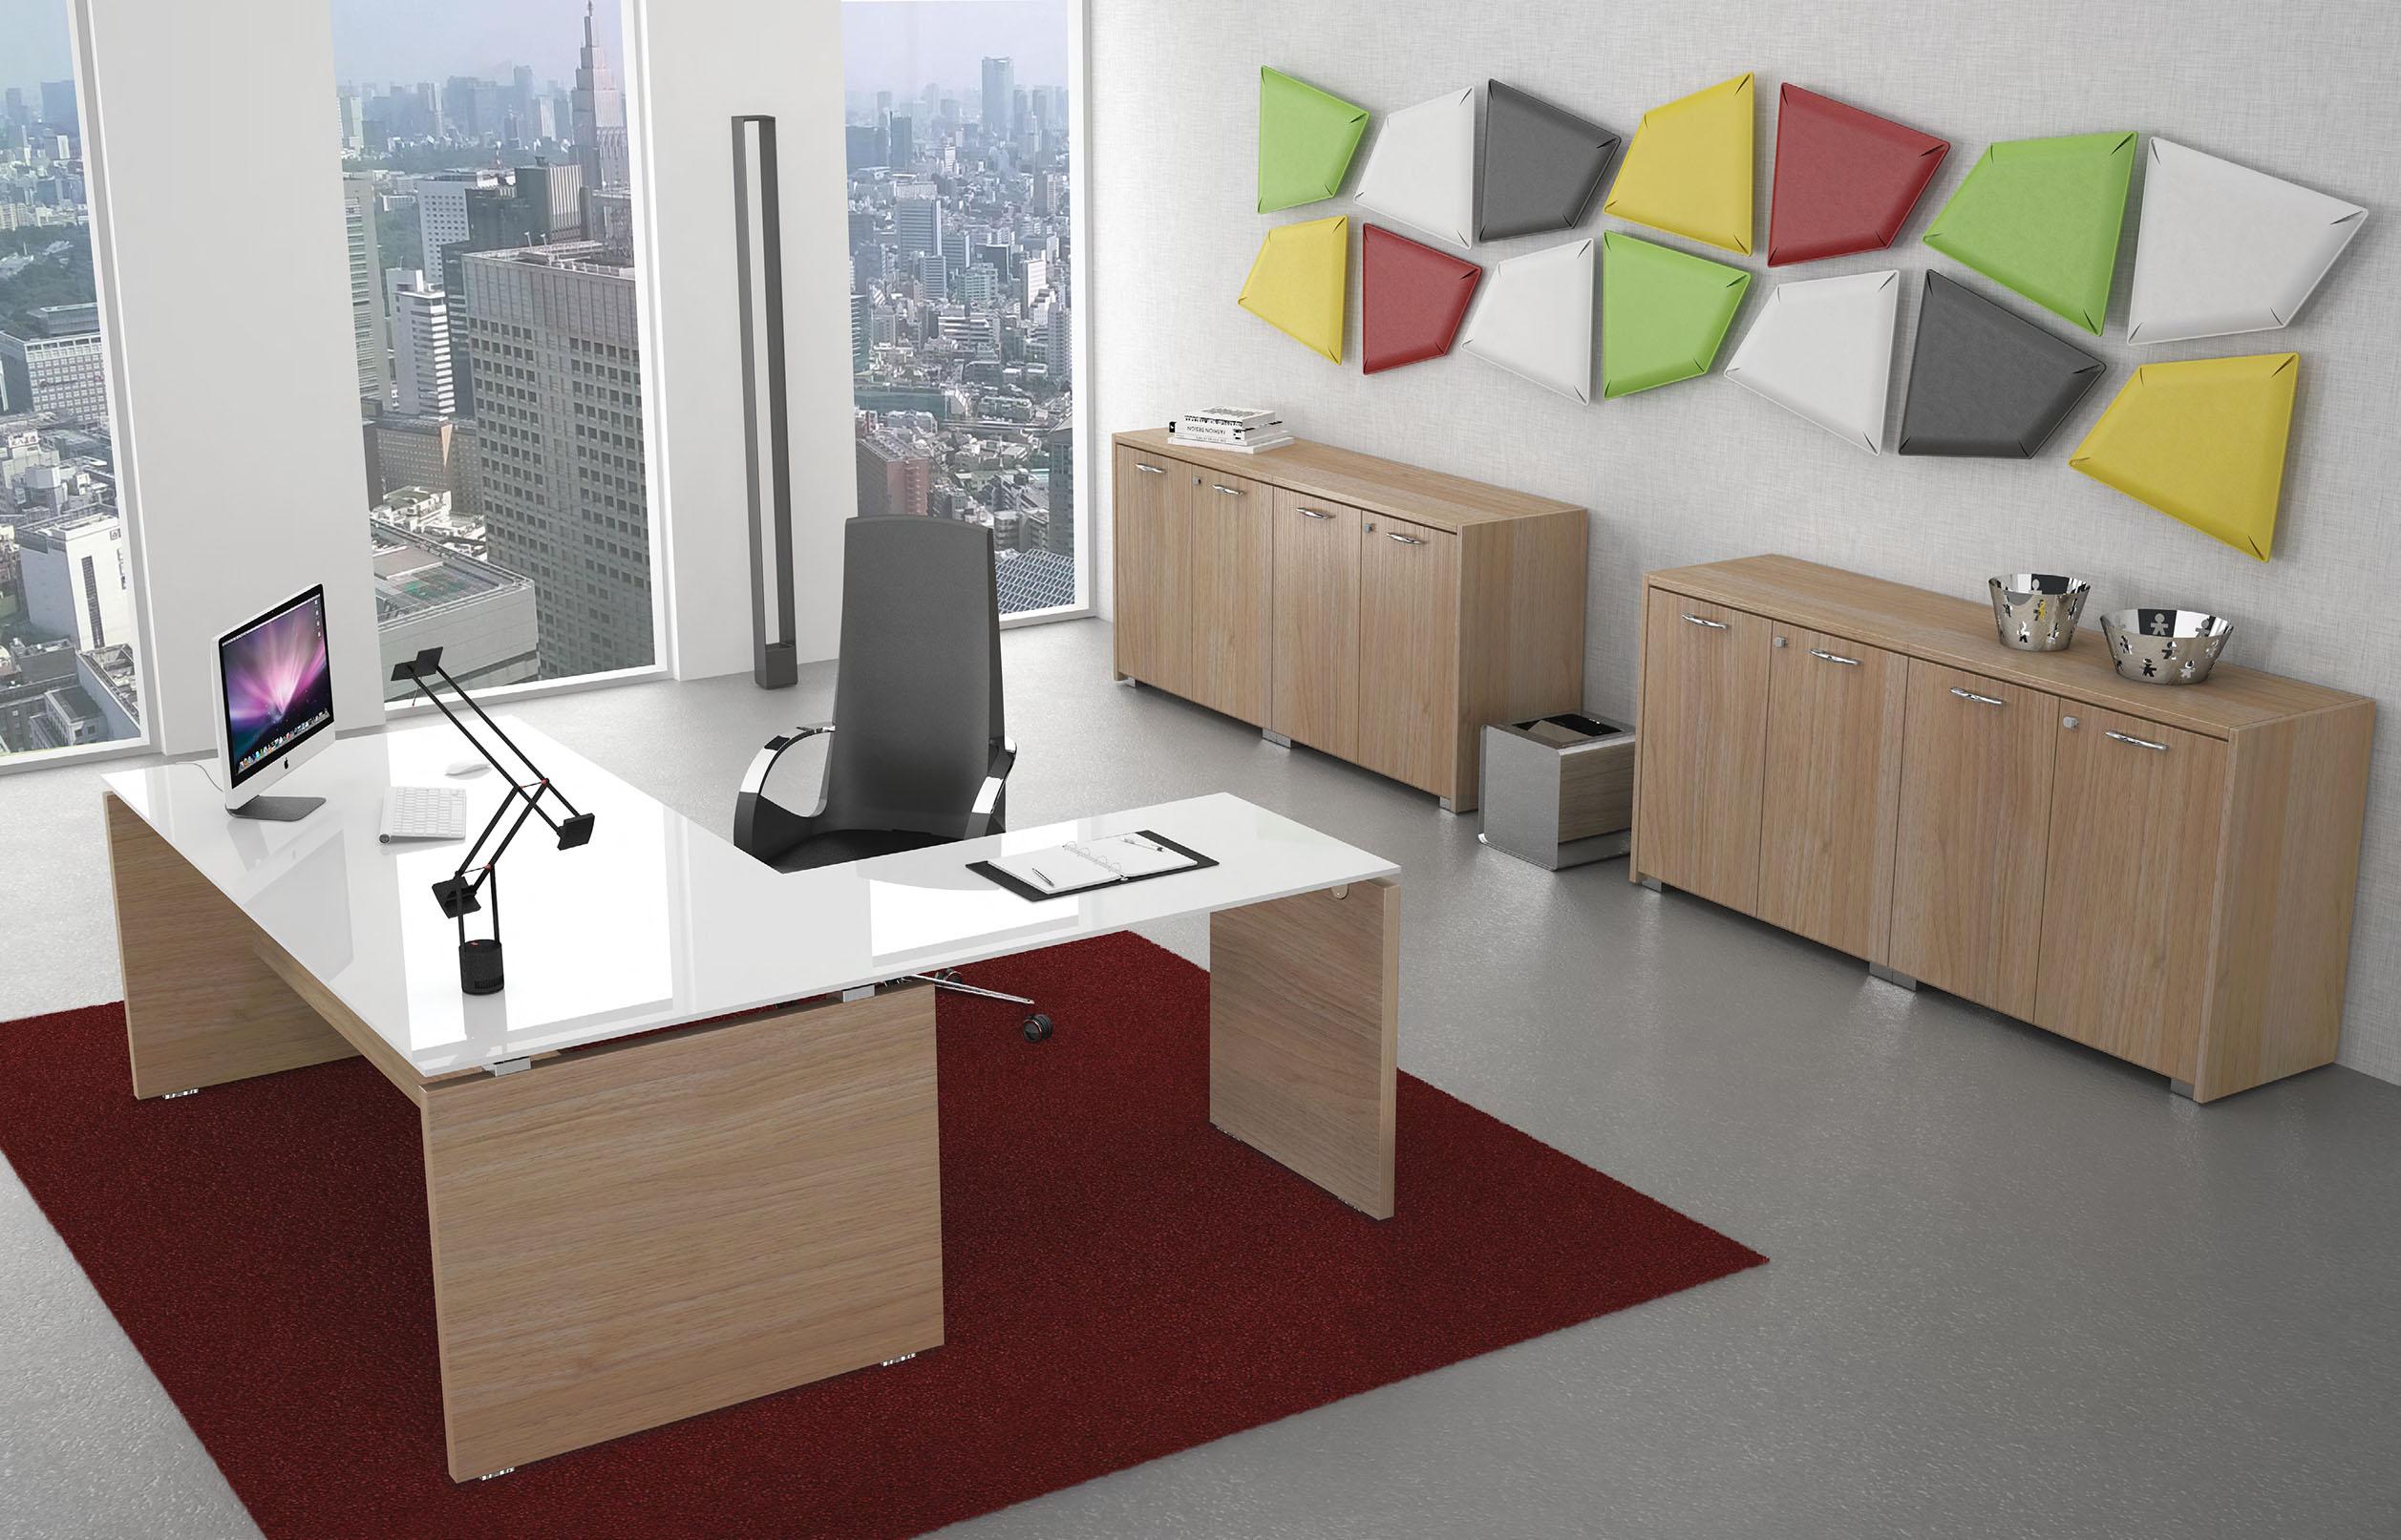 Mobili Per Ufficio Produzione.Uffici Direzionali Imo Progettazione E Produzione Mobili